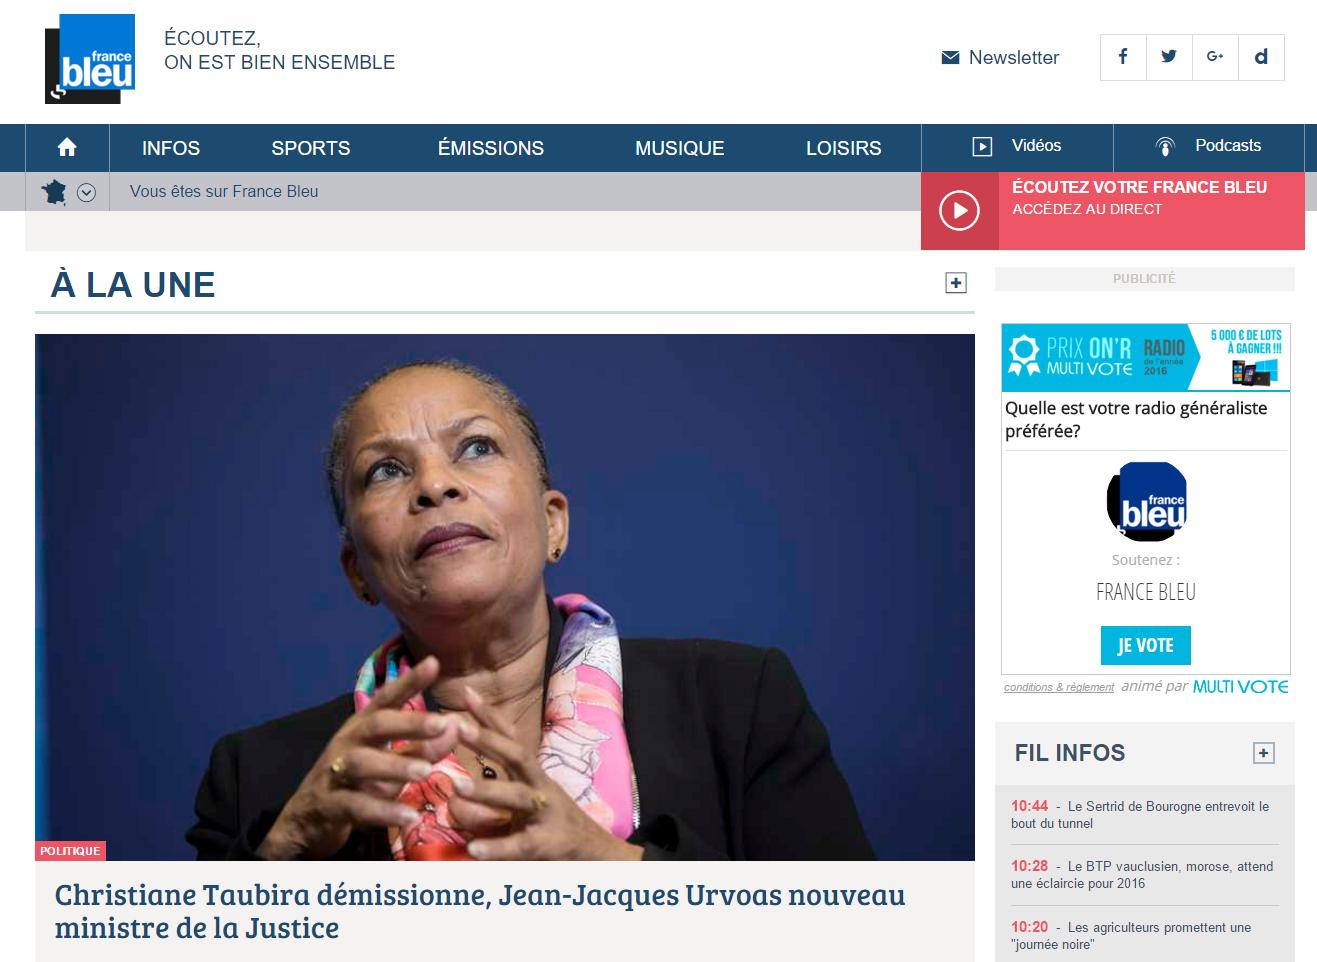 France Bleu a intégré le code iframe sur la page d'accueil de son site et mobilise fortement sa communauté depuis ce matin